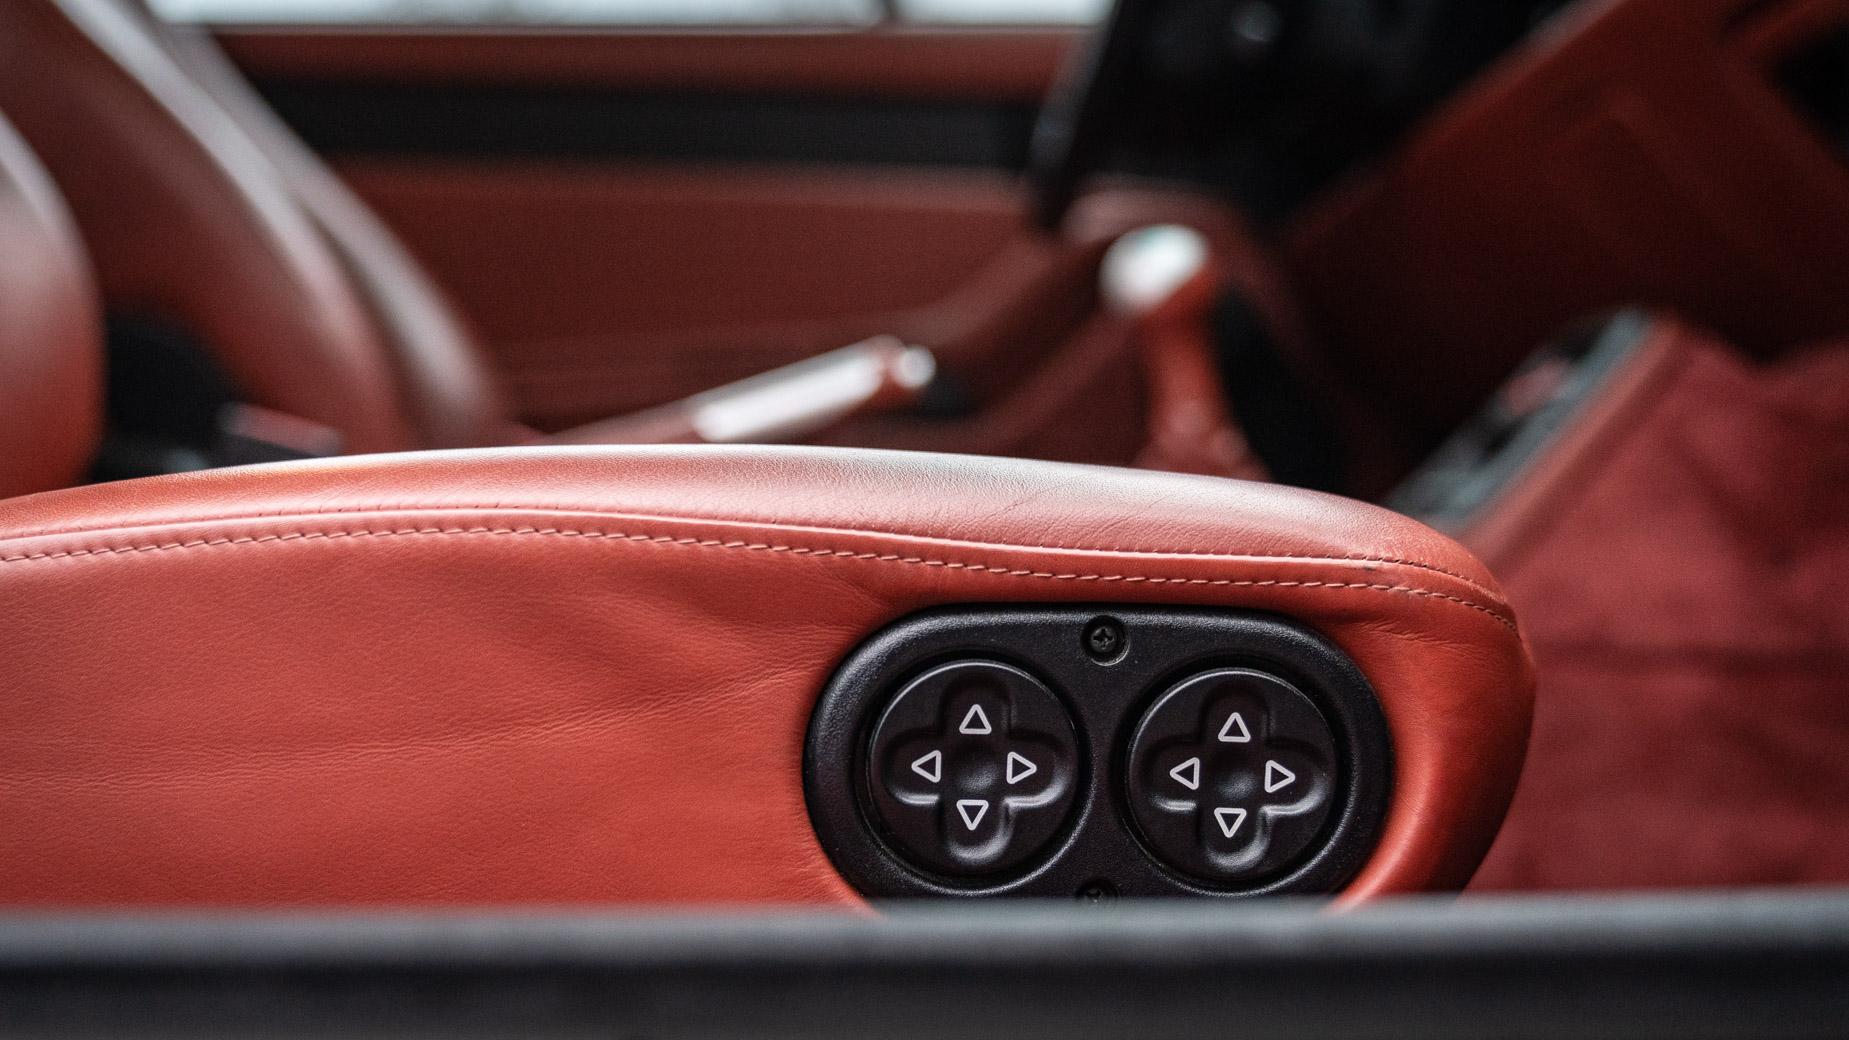 Ignition Classics Porsche 993 Carrera S electric seats